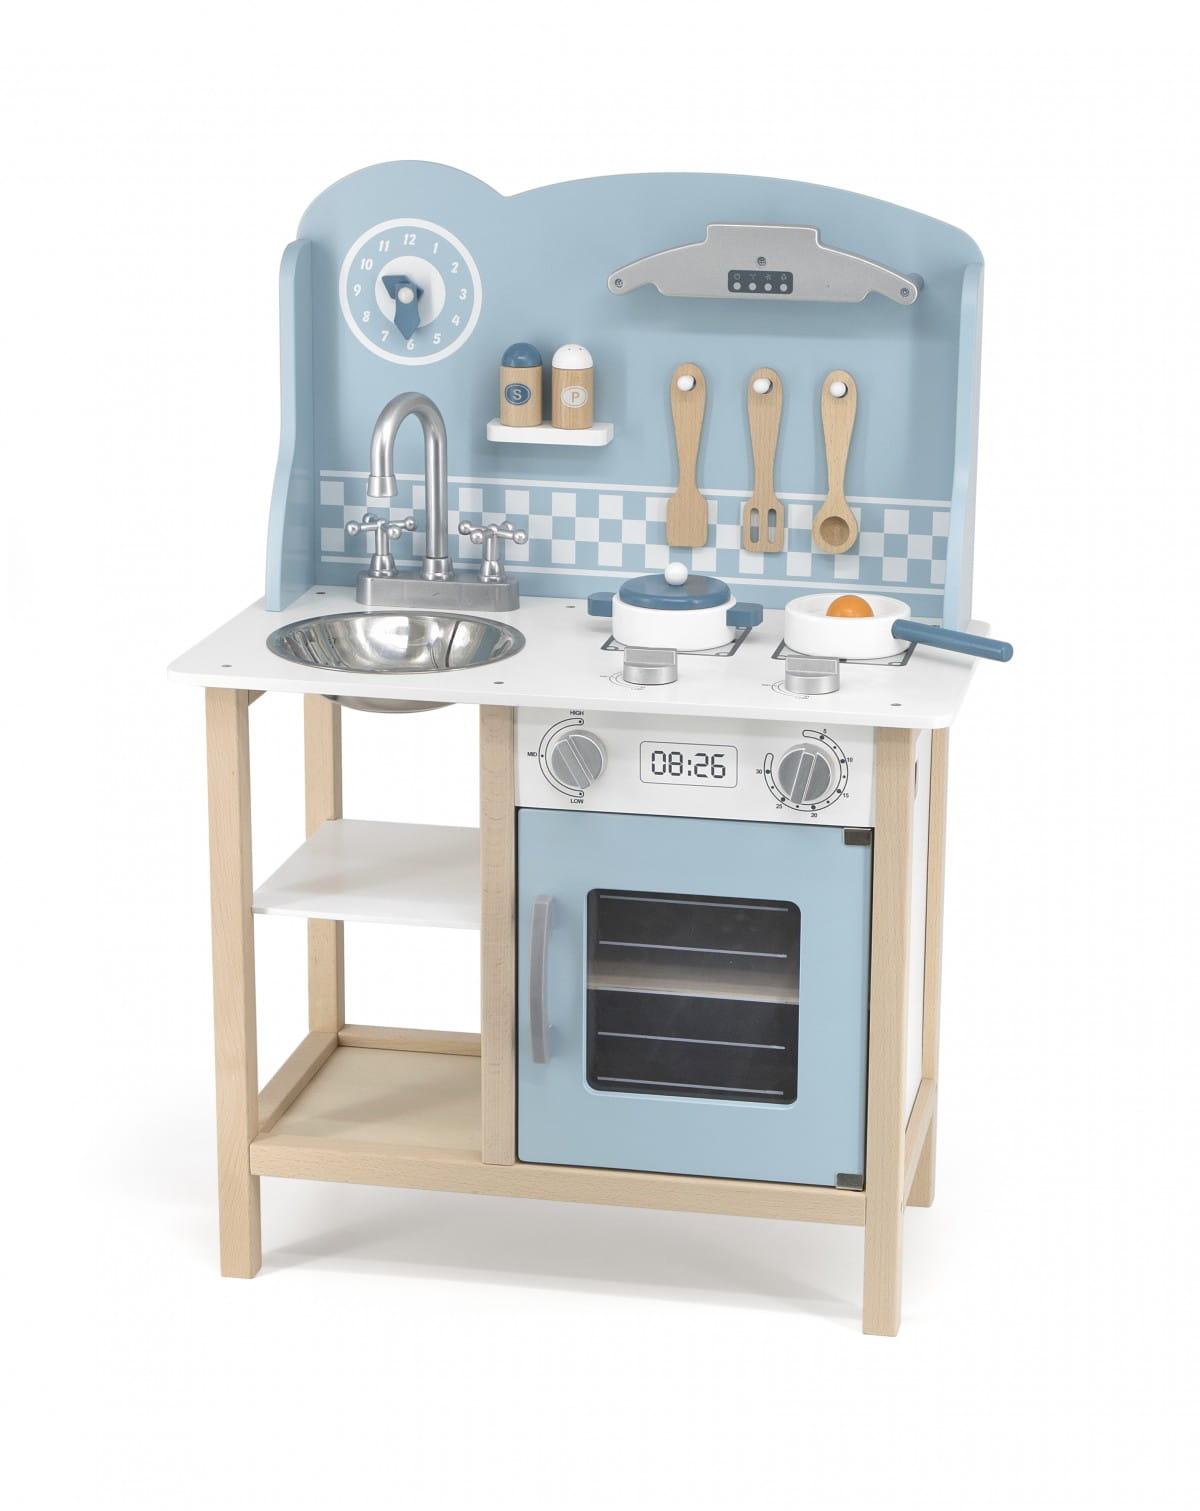 Kuchnia Dla Dzieci Drewniana Z Akcesoriami Silver Blue Viga Polarb Q1 Burattino